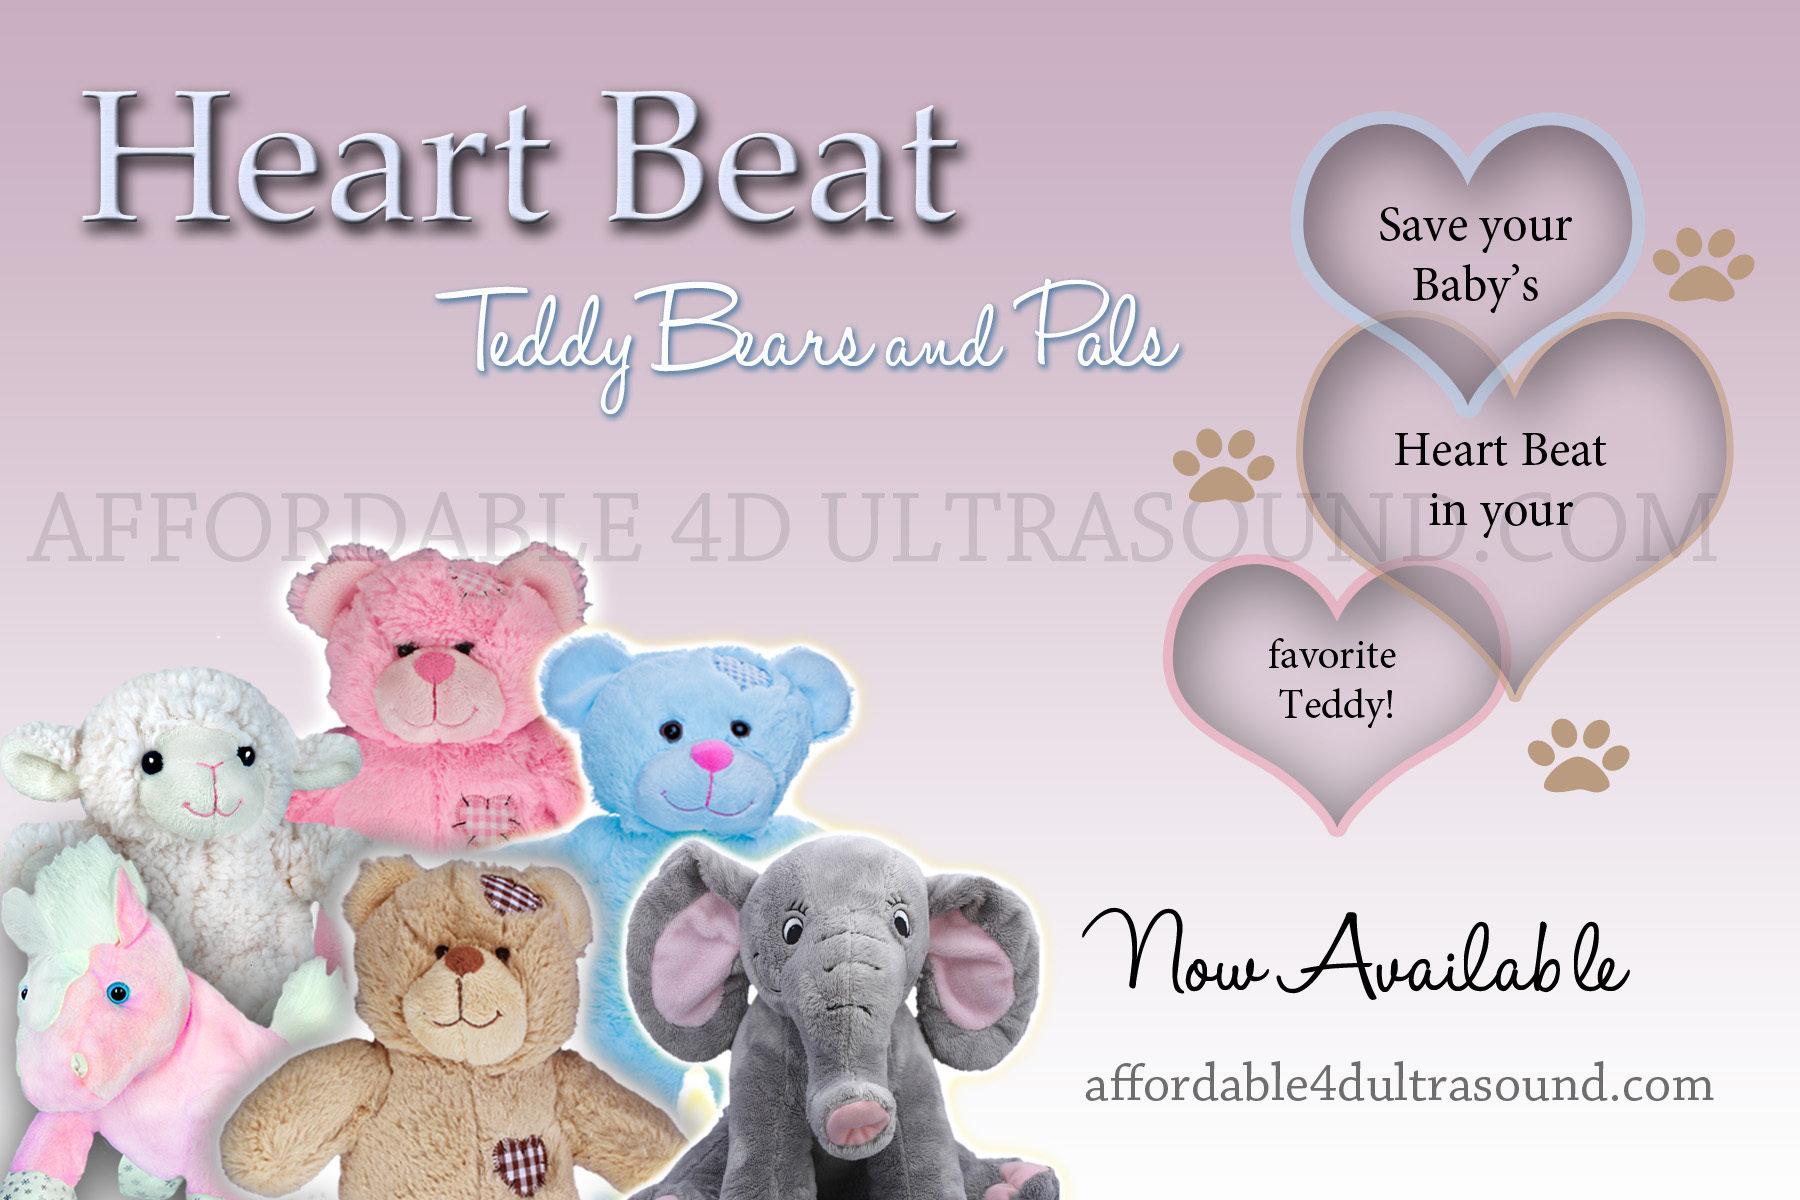 Little Lamb Heart Beat Pal